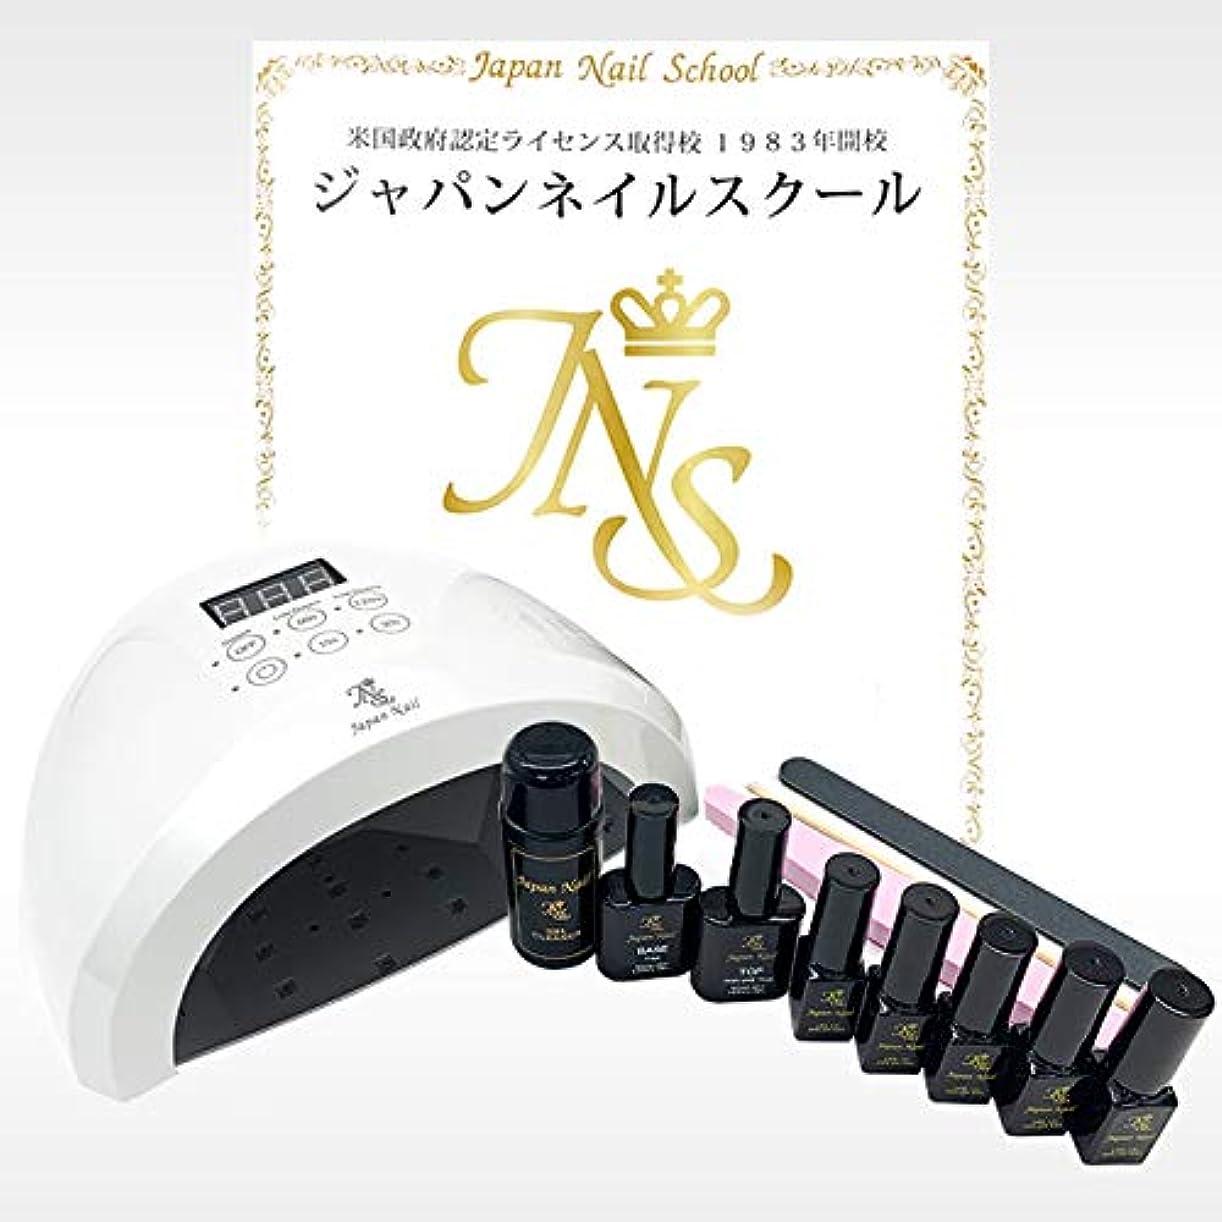 ボット有効受け取る日本製多機能LEDライト付属ジェルネイルキットn2世界初!弱爪?傷爪でもジェルネイルが楽しめる2つのローダウン機能搭載!初心者も安心の5年間サポート付